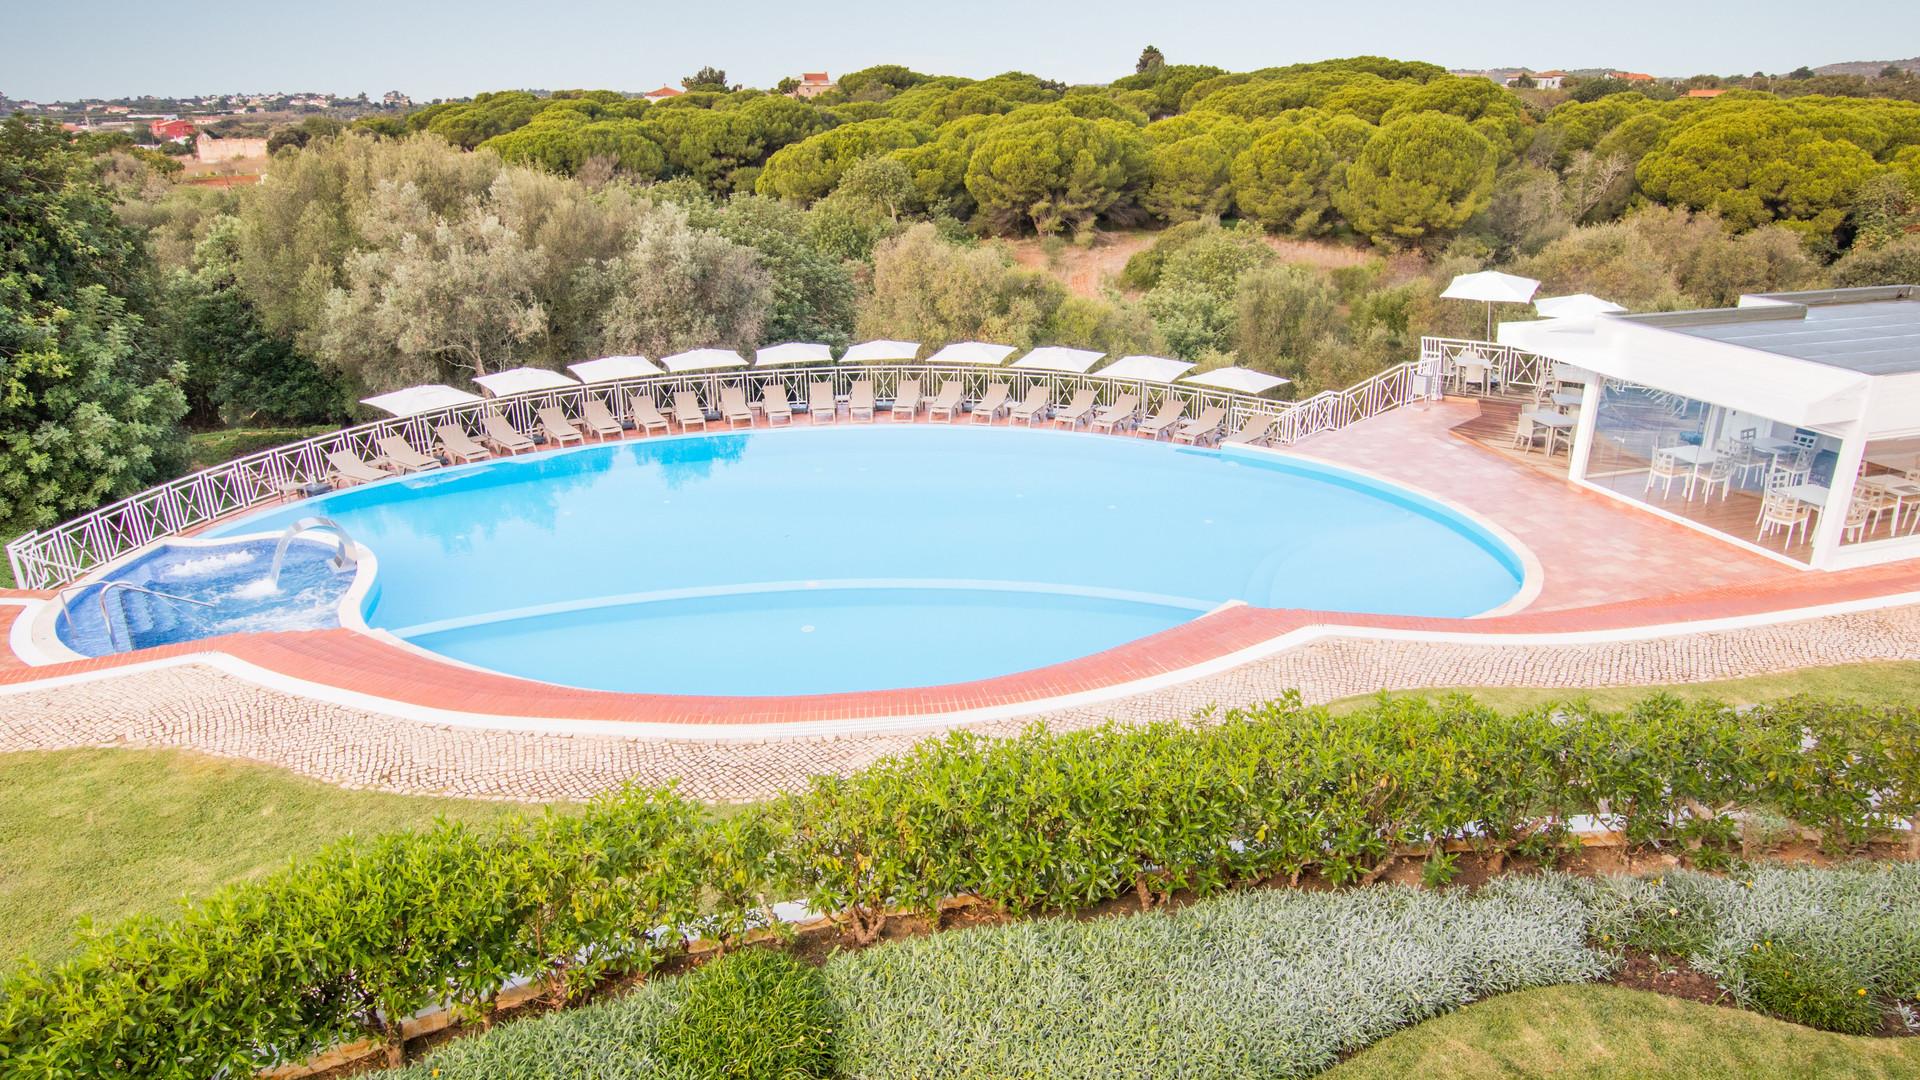 18.LCCC Pool.jpg